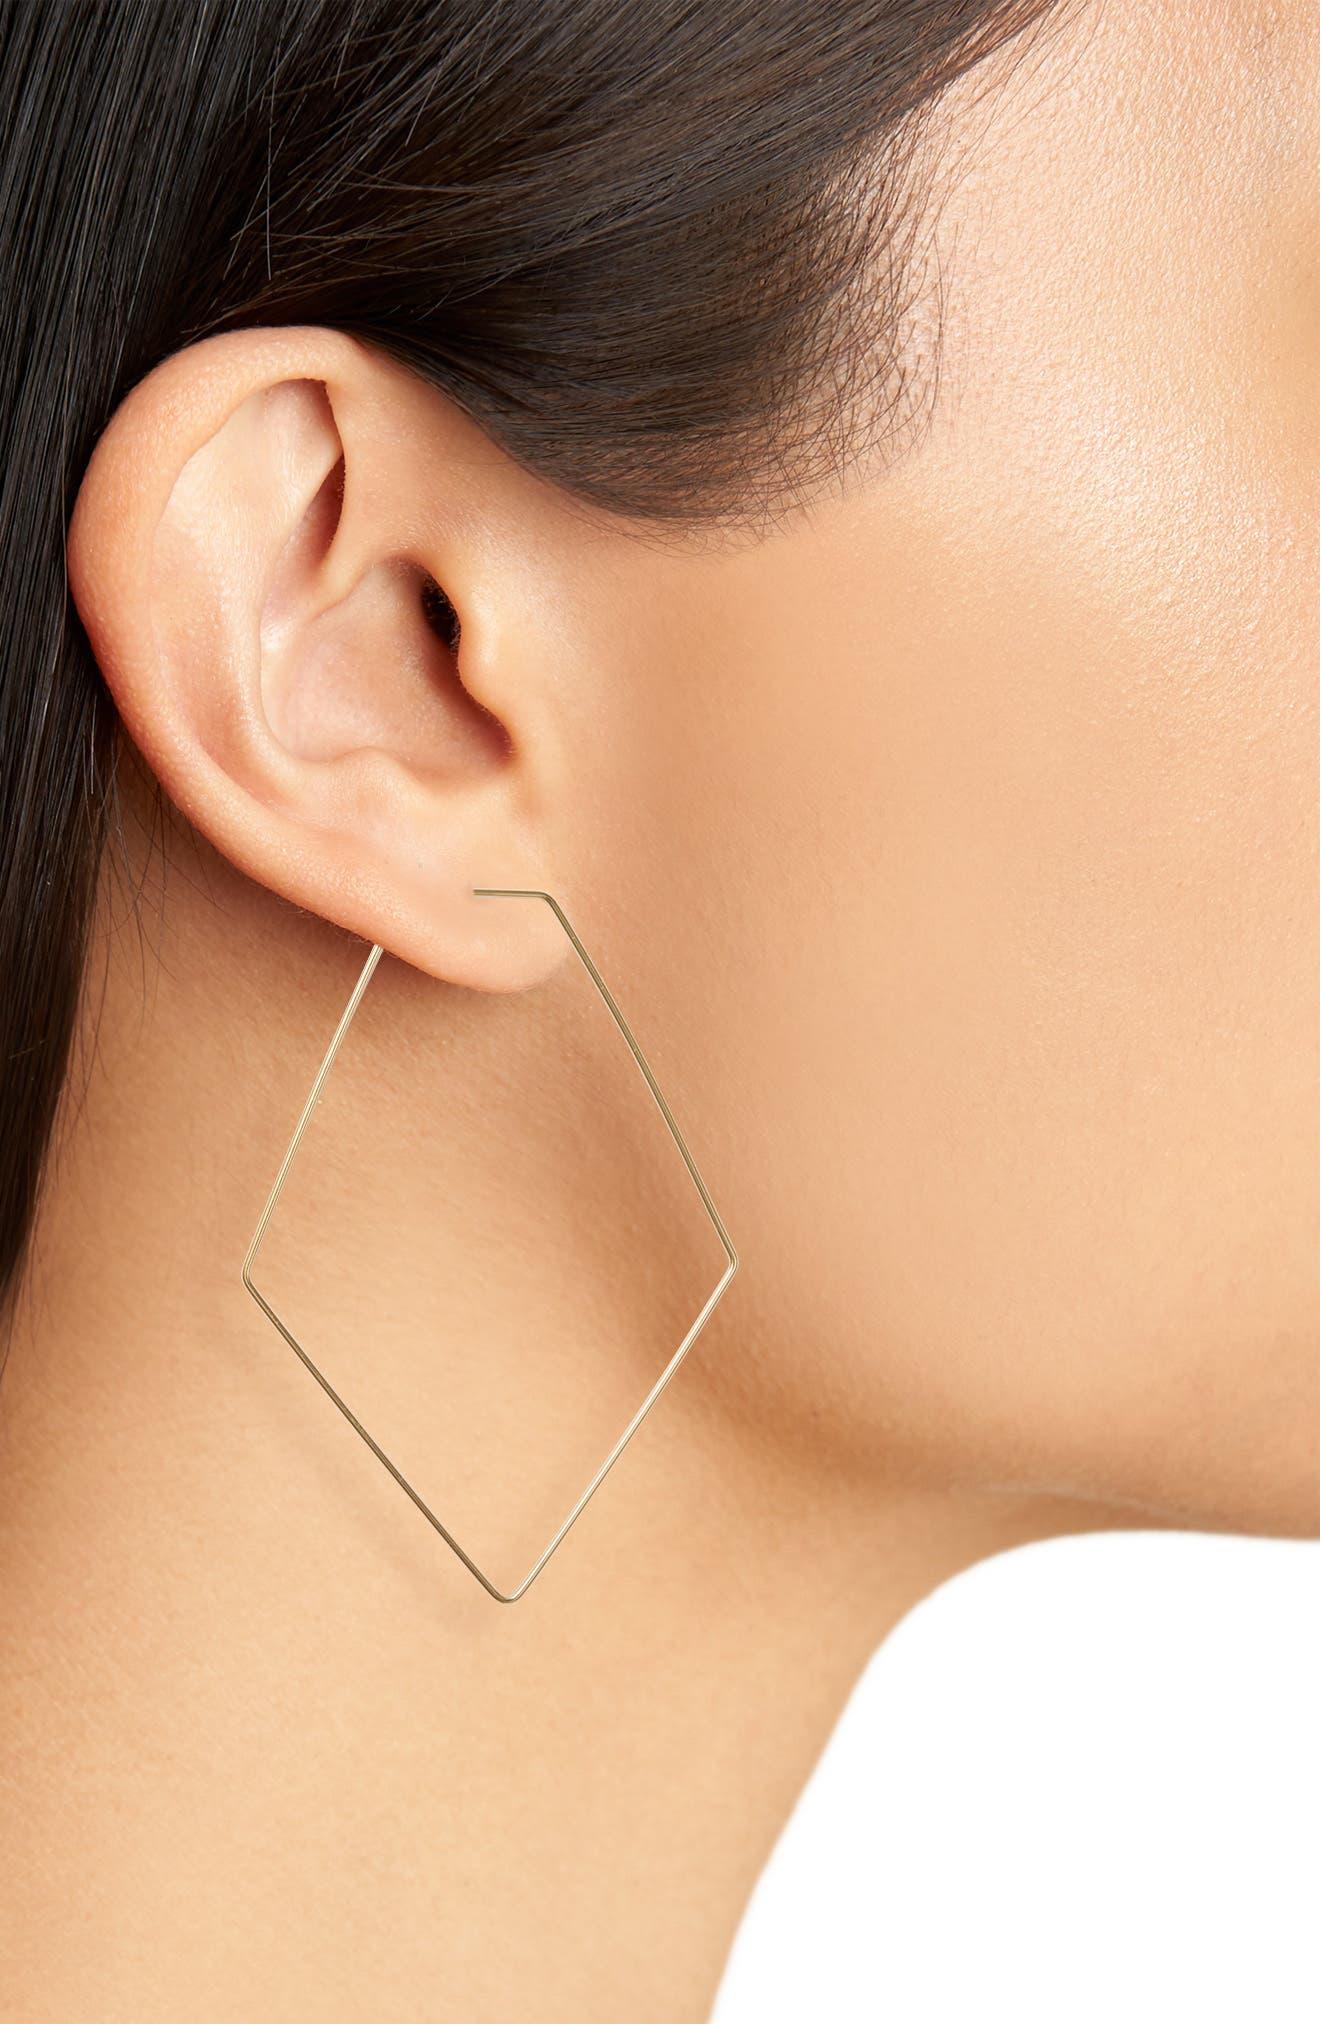 Rhombus Hoop Earrings,                             Alternate thumbnail 2, color,                             Gold